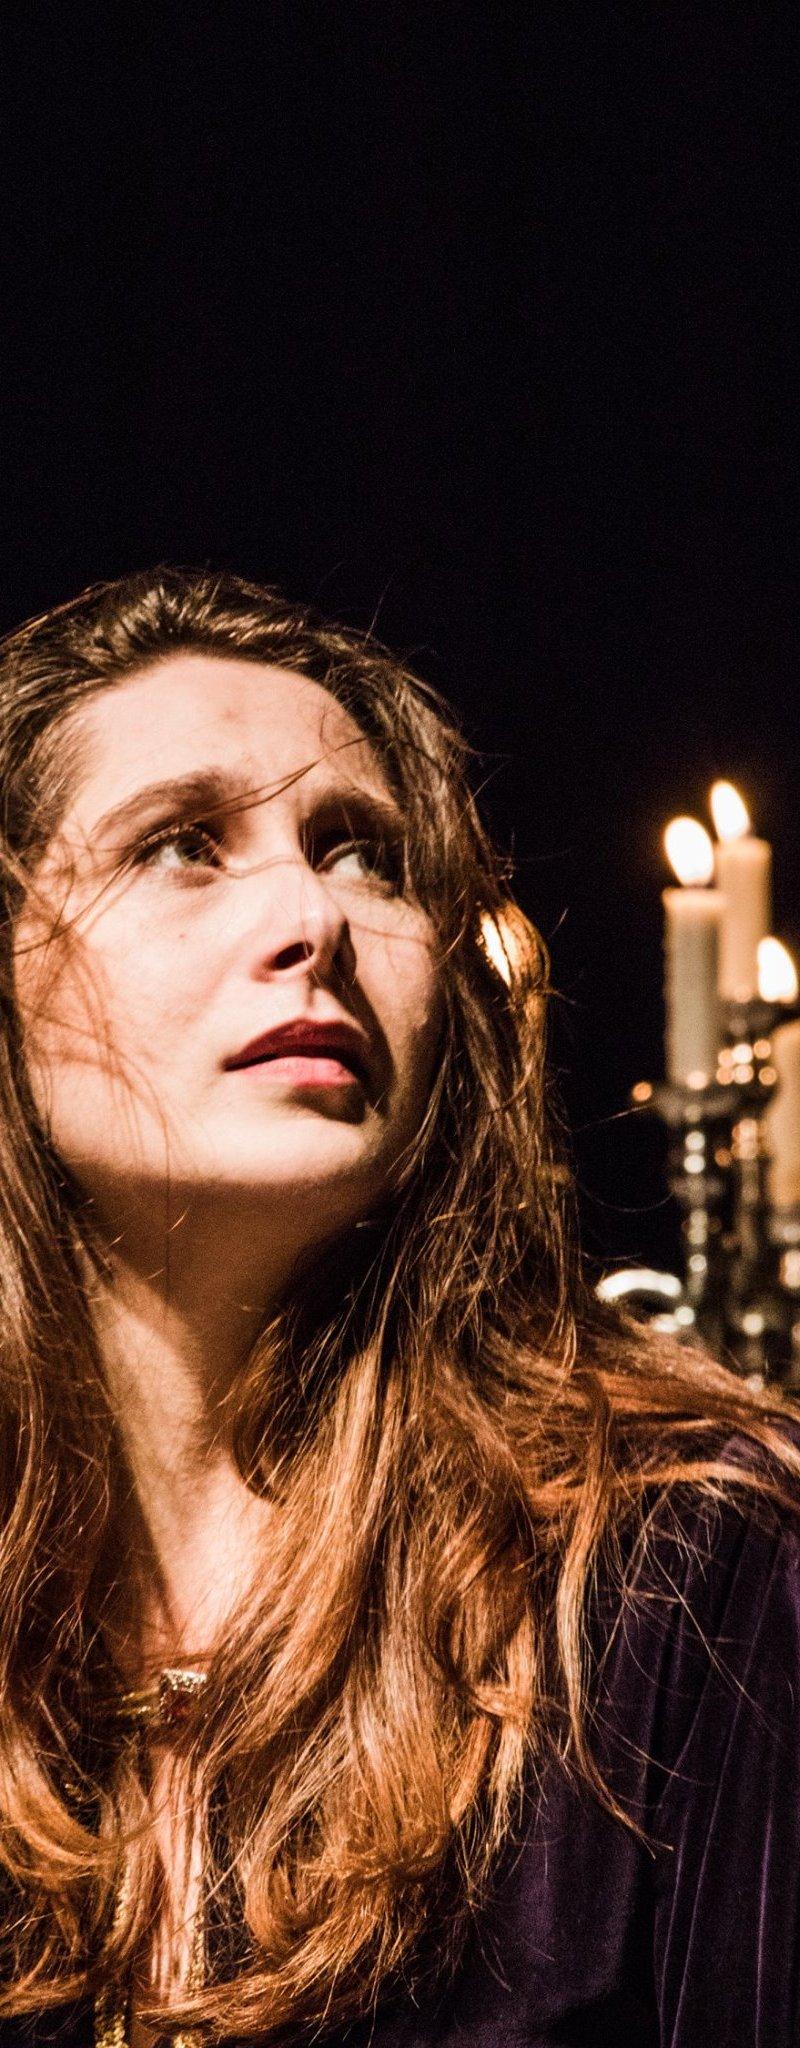 Gledališka predstava Zofija napolnila dvorano Kulturnega doma Črnomelj